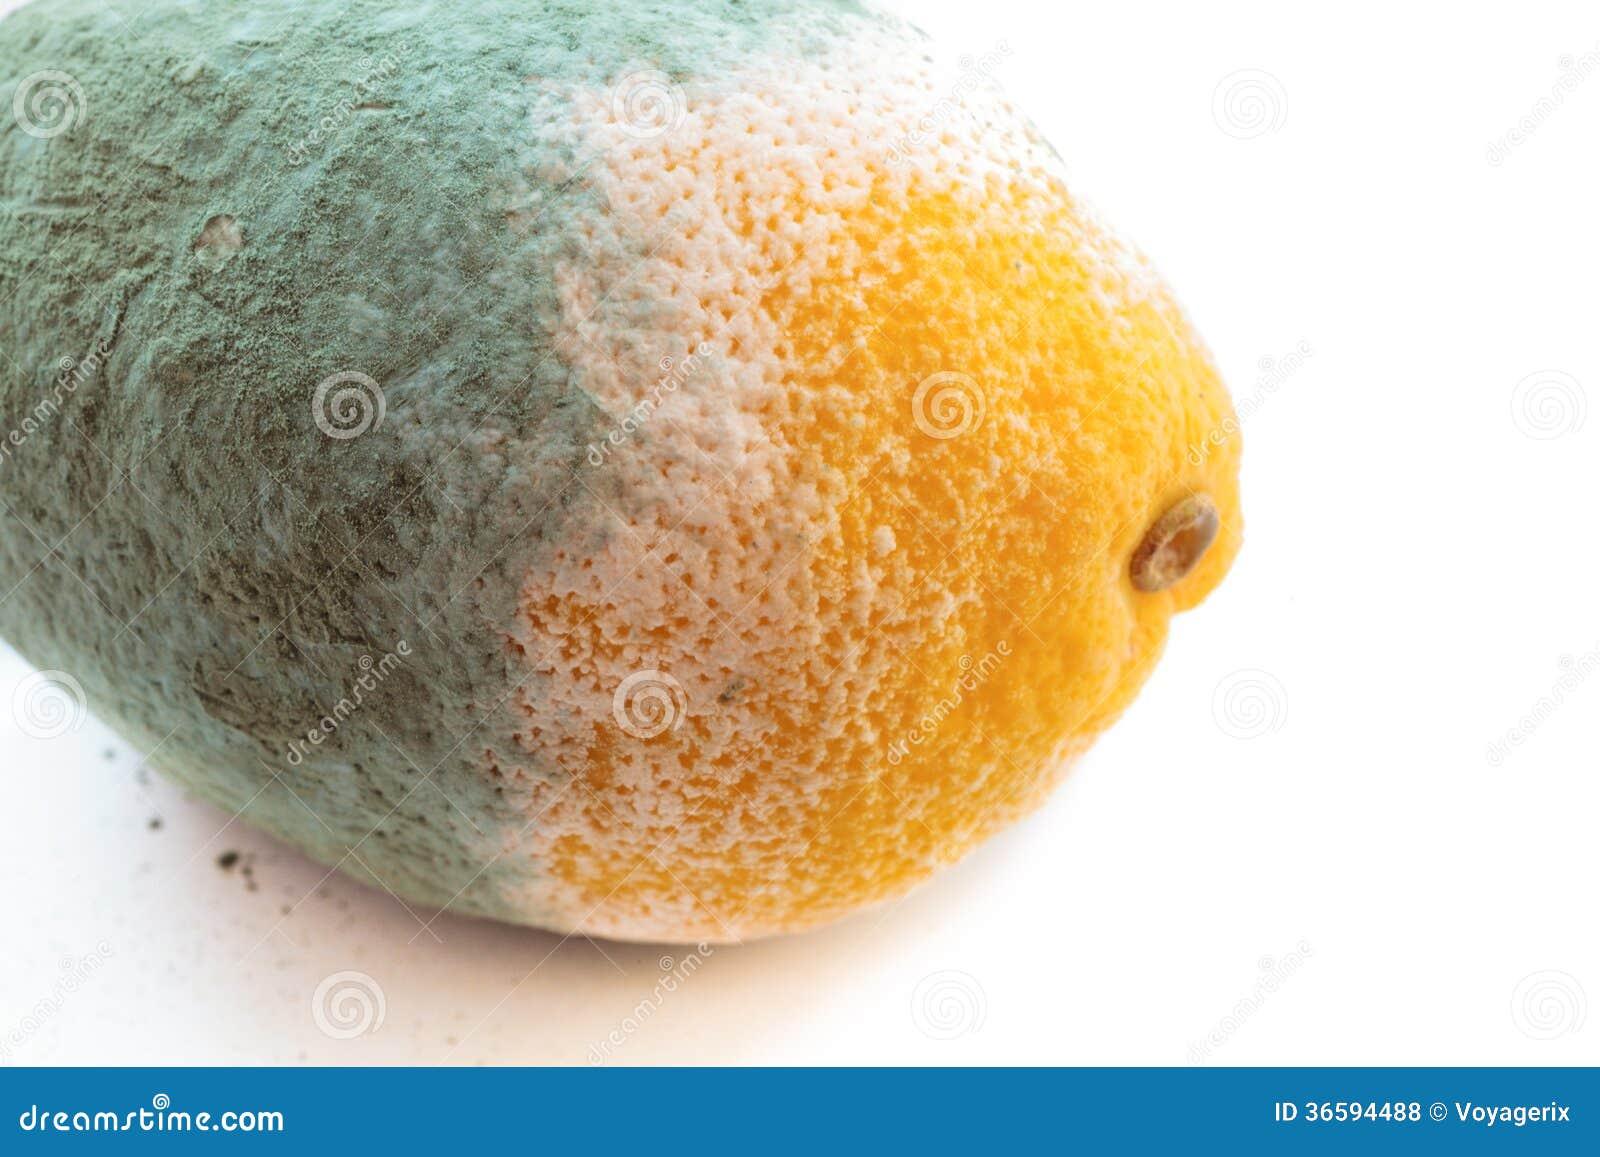 Green Moldy Lemon Citrus Fruit Isolated. Damaged Food. Royalty ...